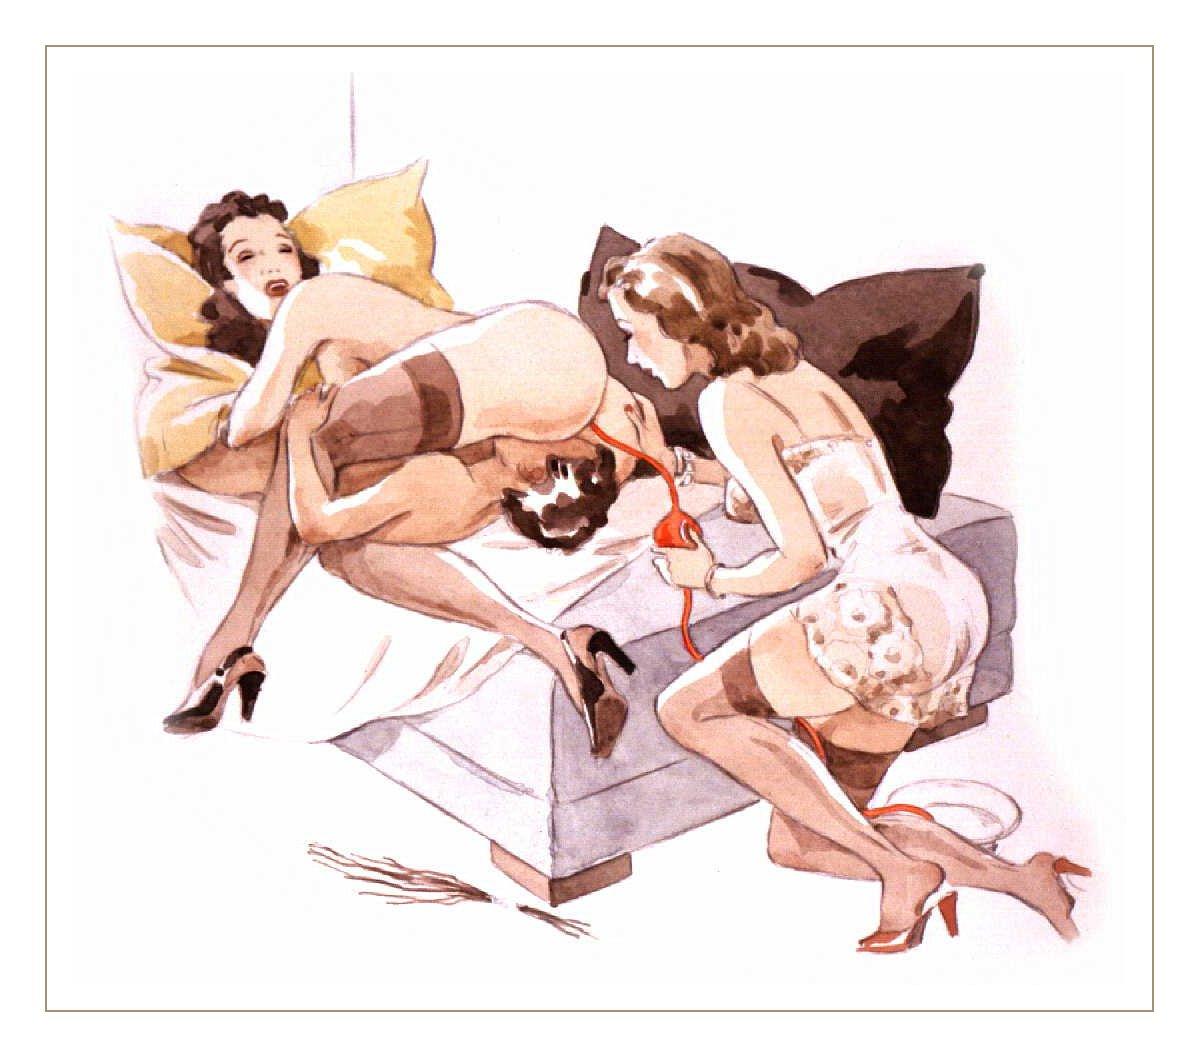 art-erotika-v-kontakte